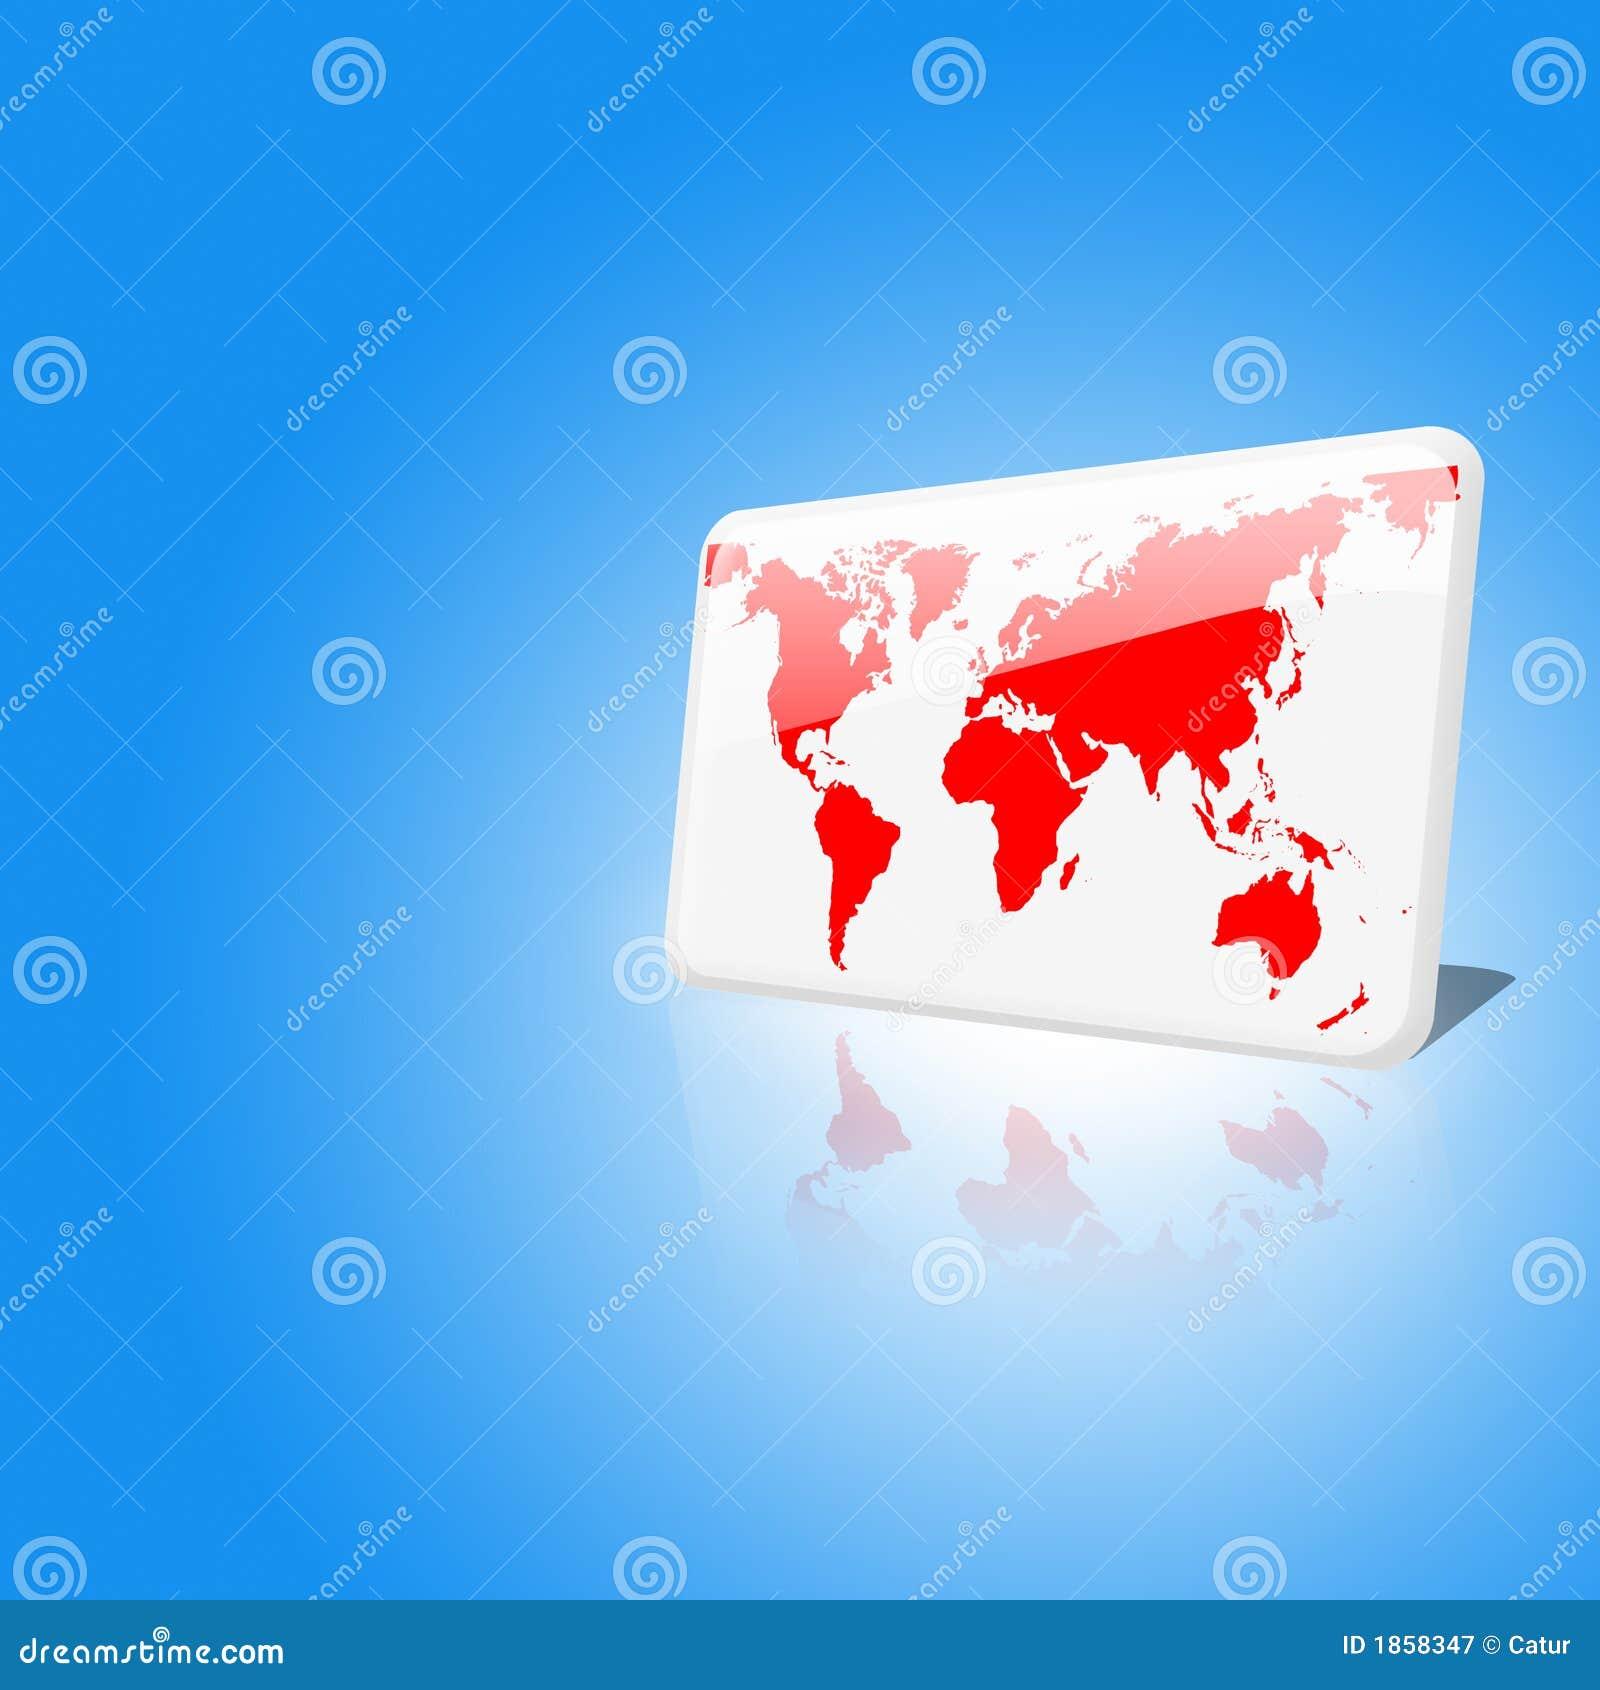 Weißes und rotes Weltchip auf Hintergrund des blauen Himmels